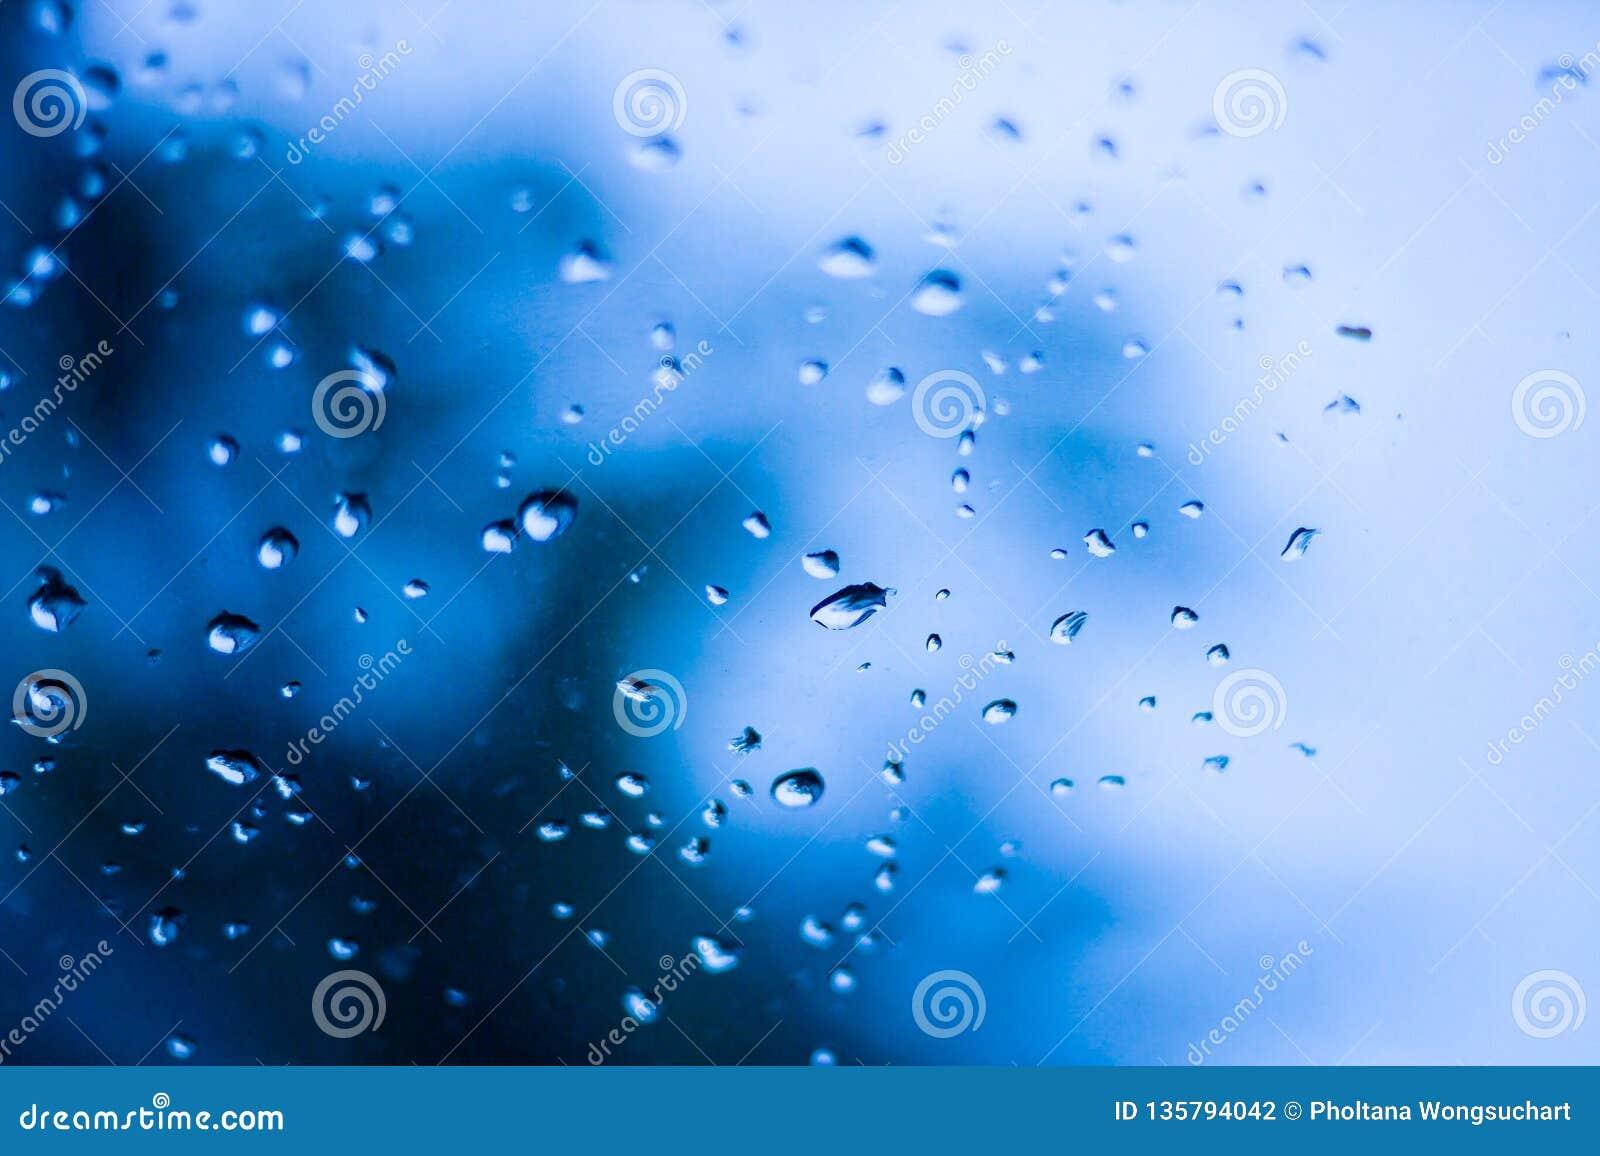 Wassertröpfchen werden durch Regentröpfchen im Klarglas verursacht